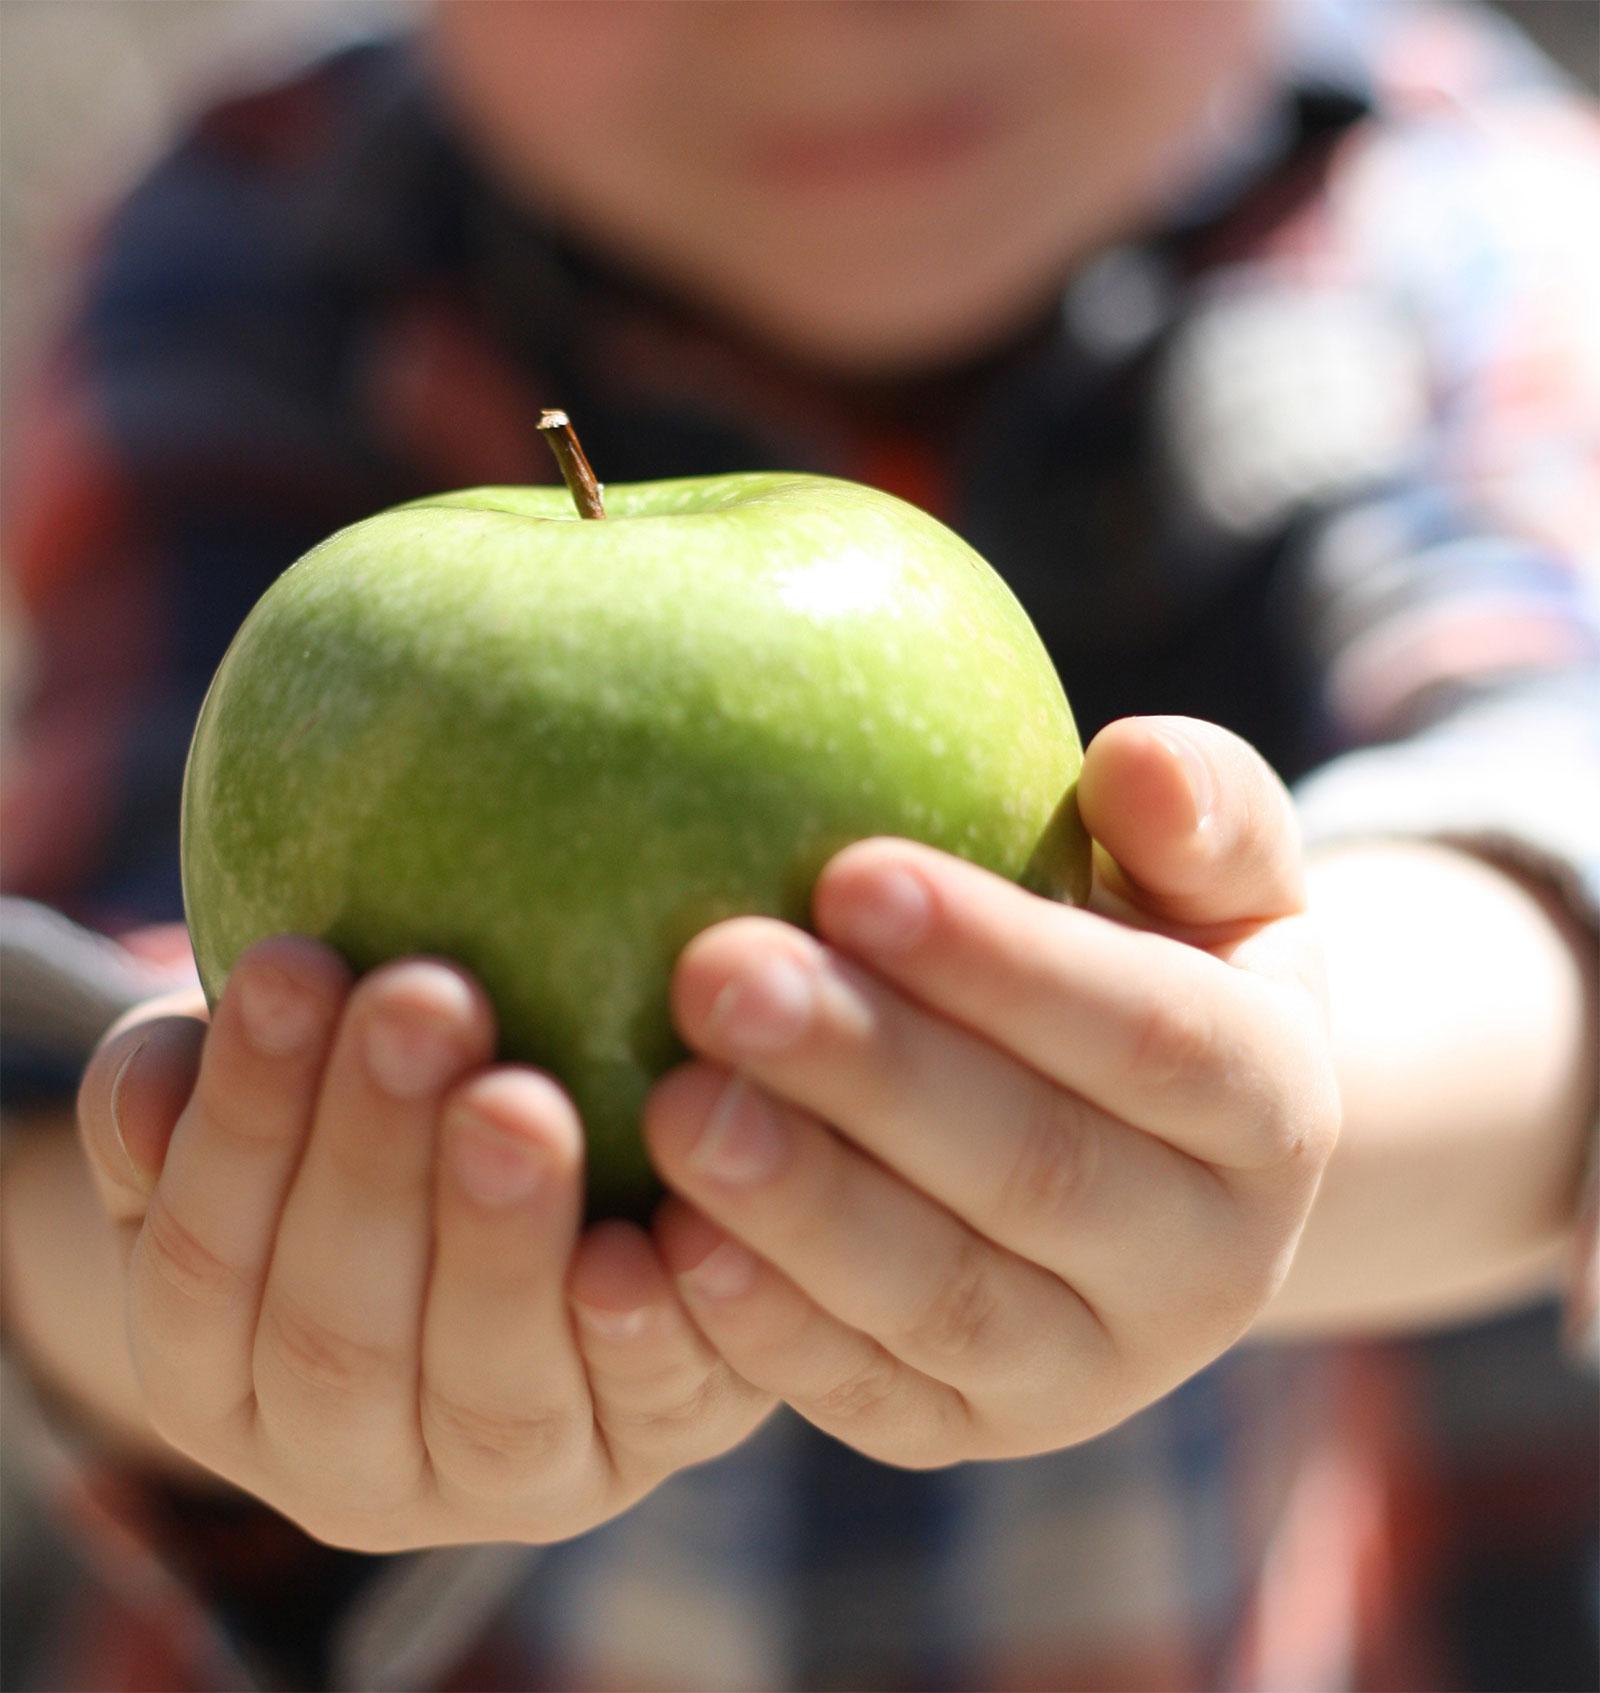 Earth as an Apple